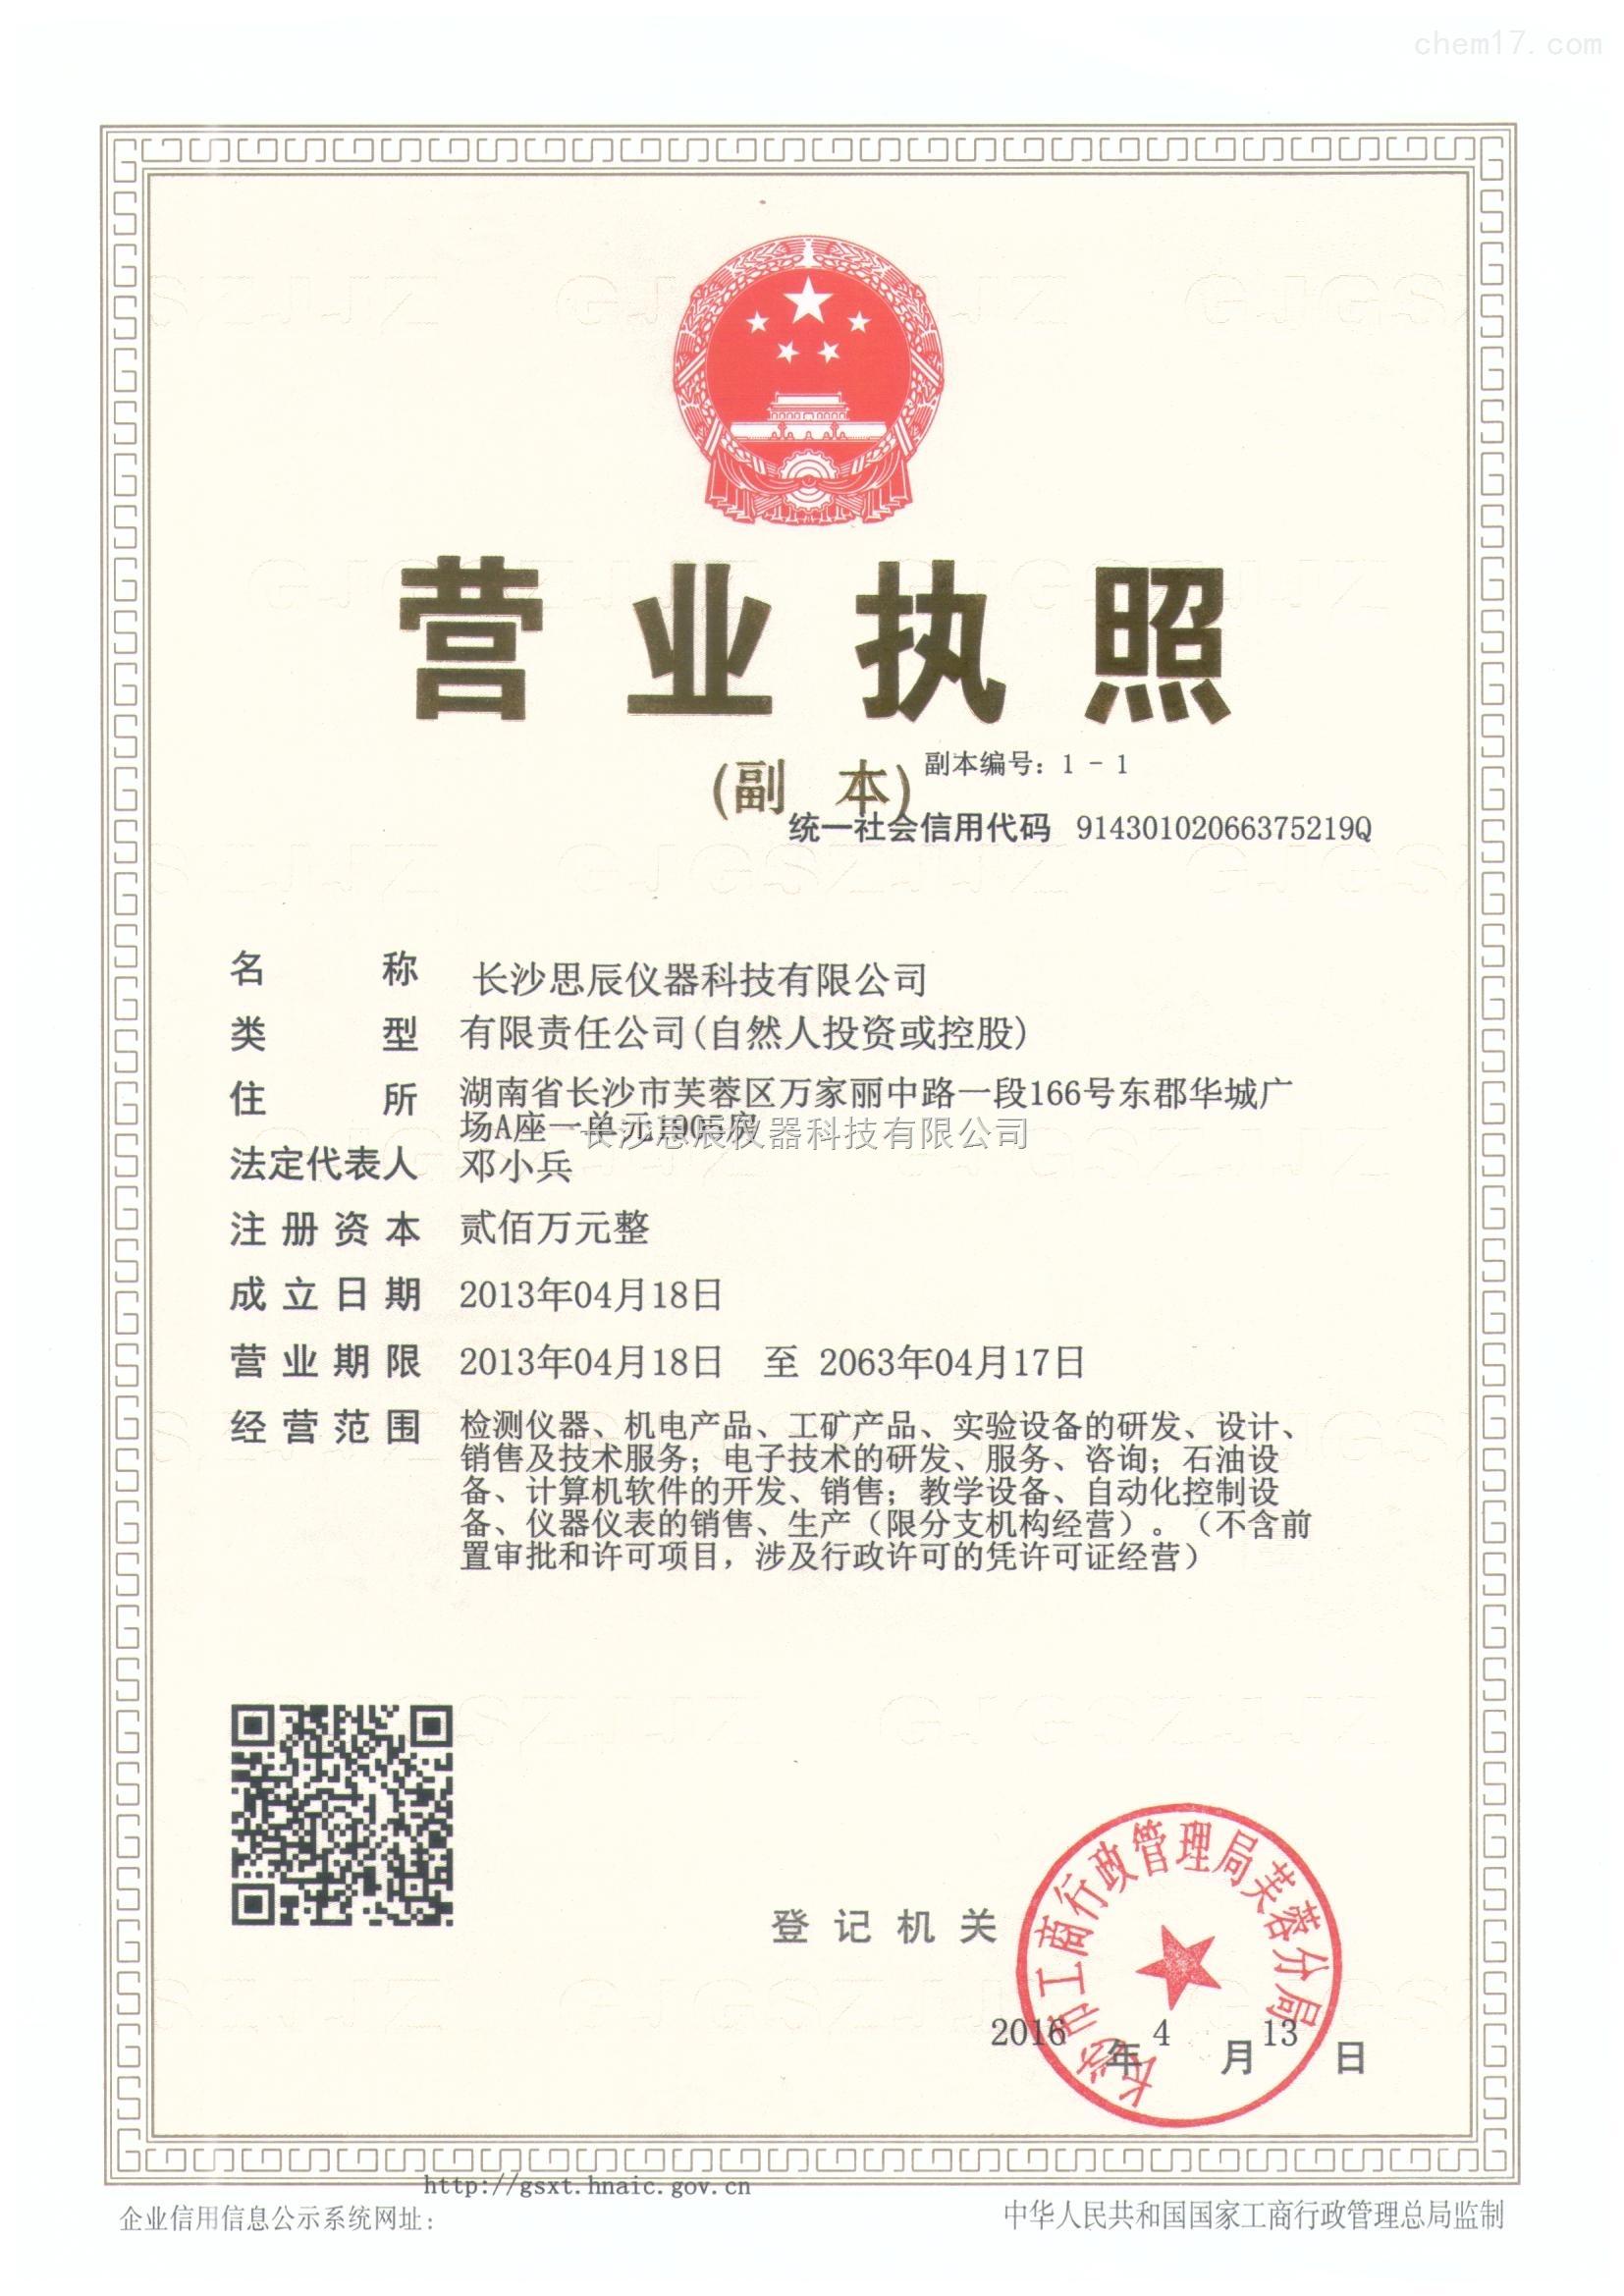 长沙思辰仪器科技有限公司三证合一营业执照